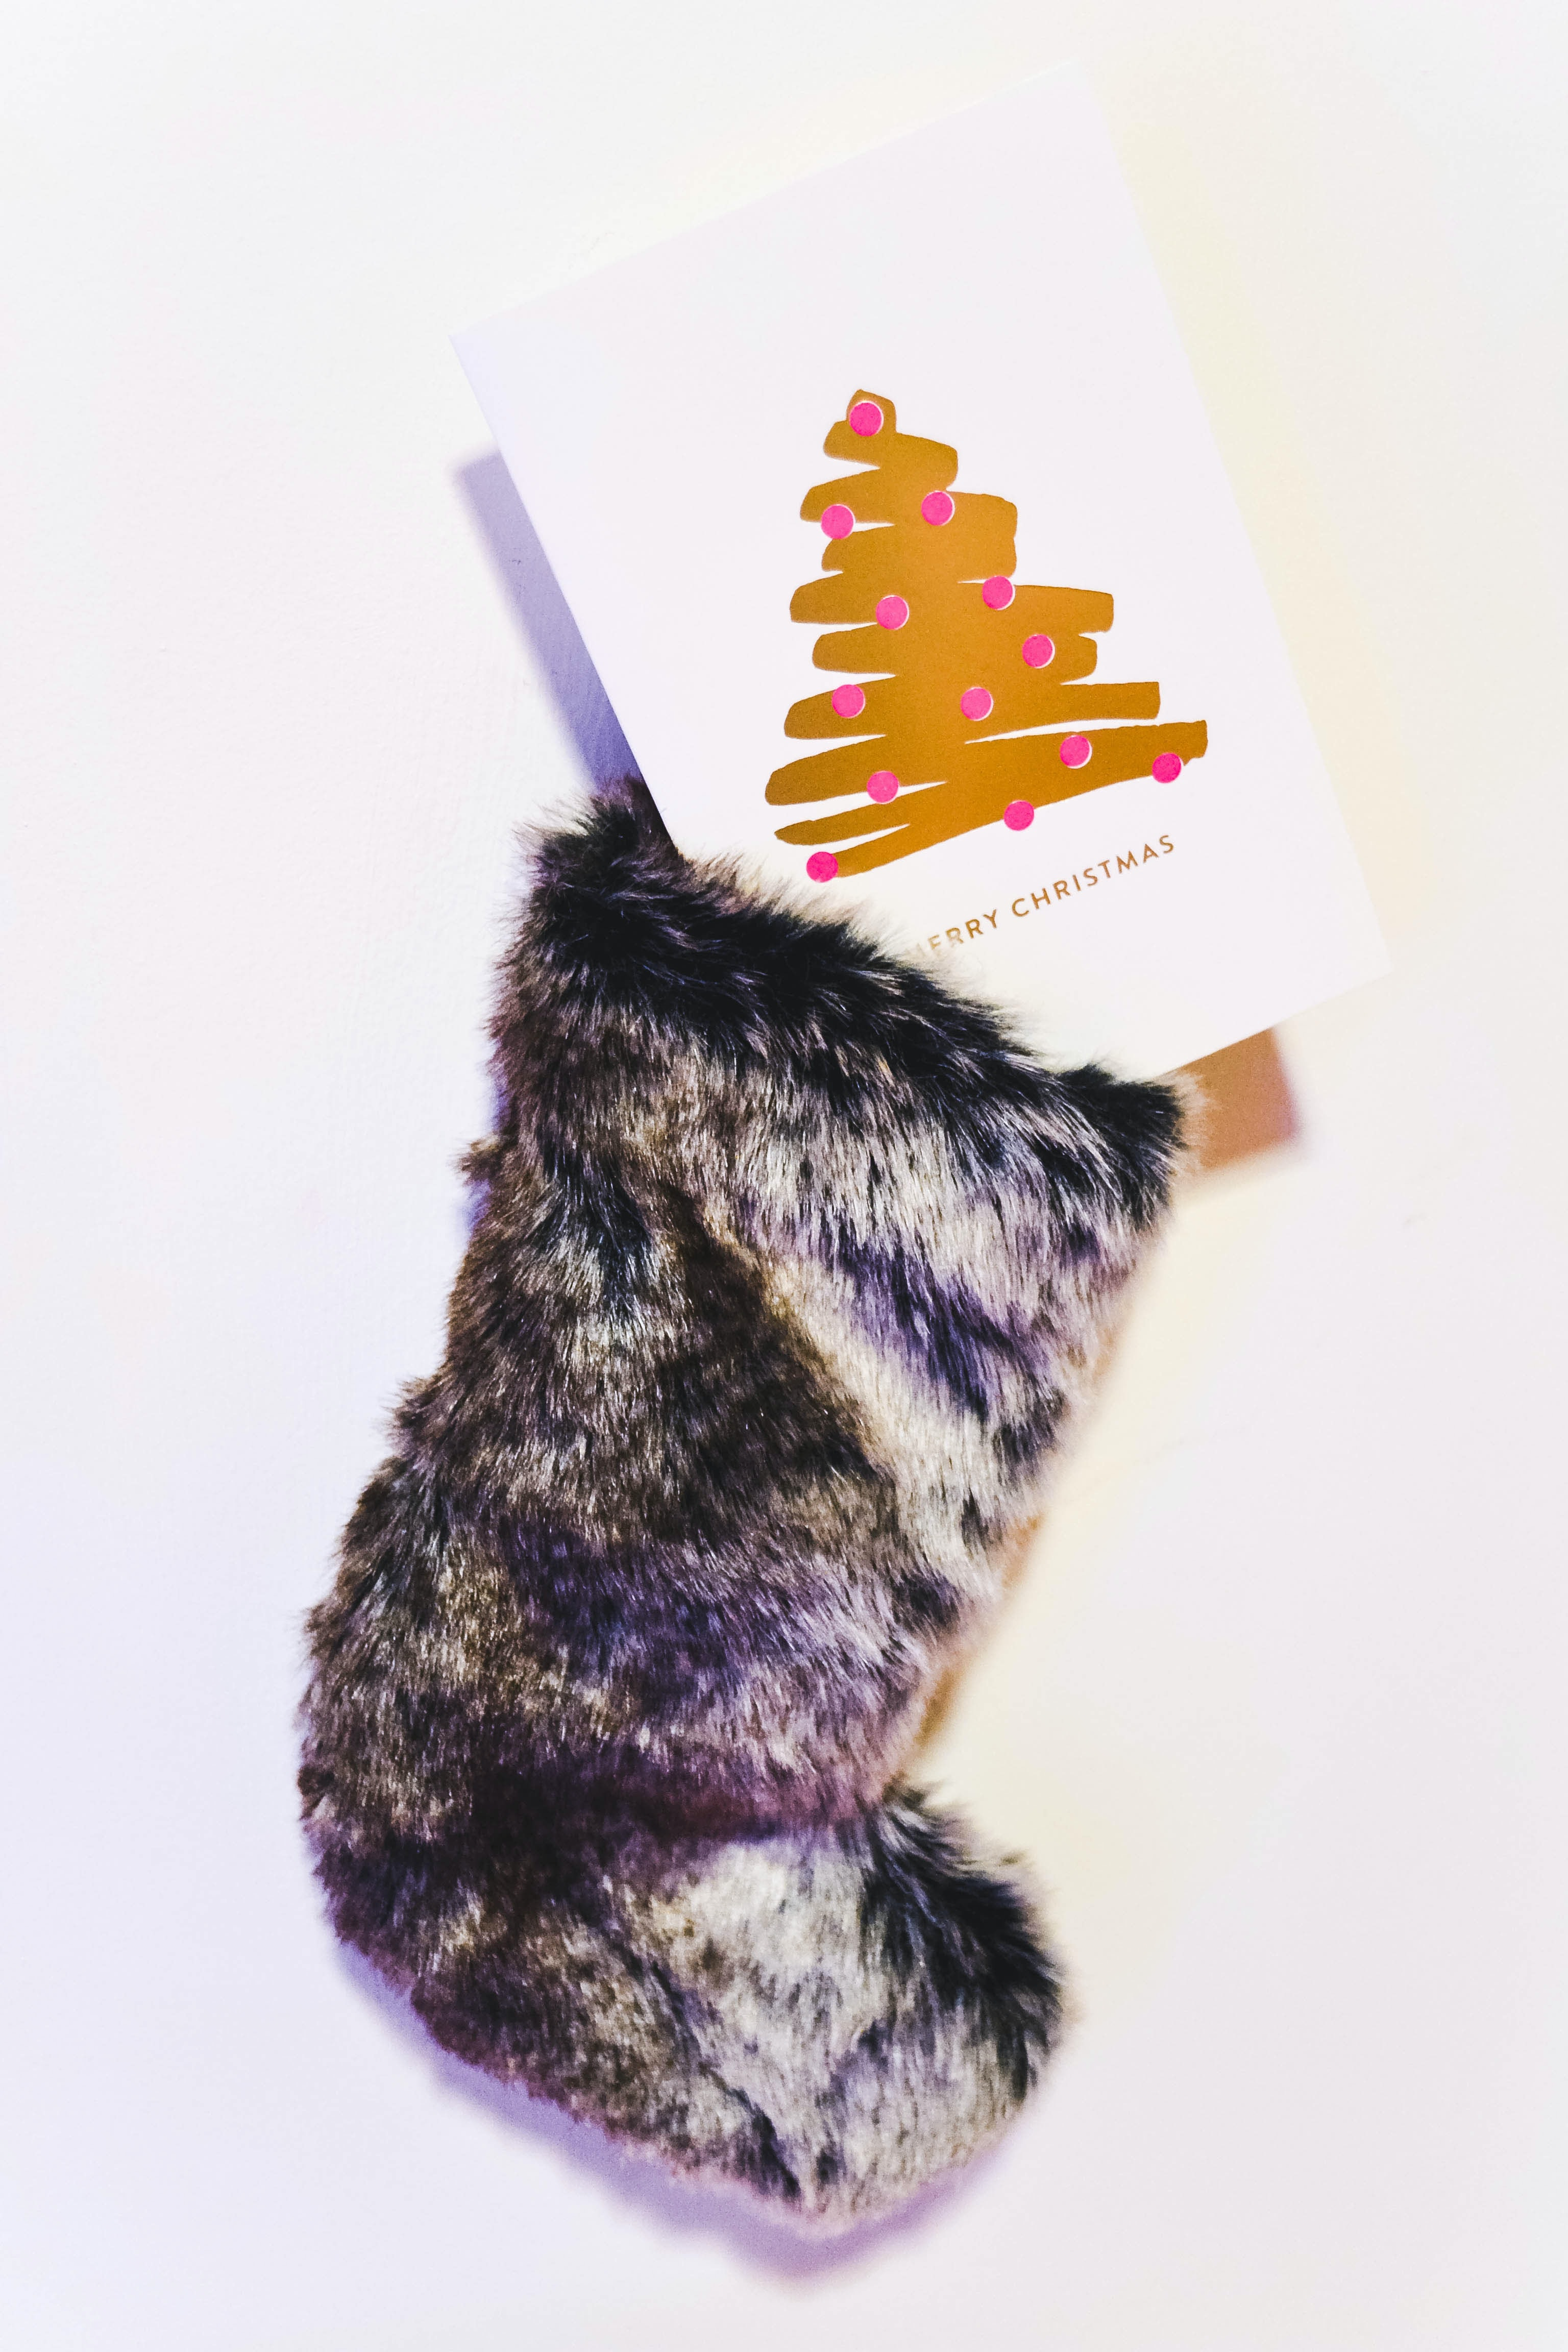 An XMAS sock with a Christmas card inside.